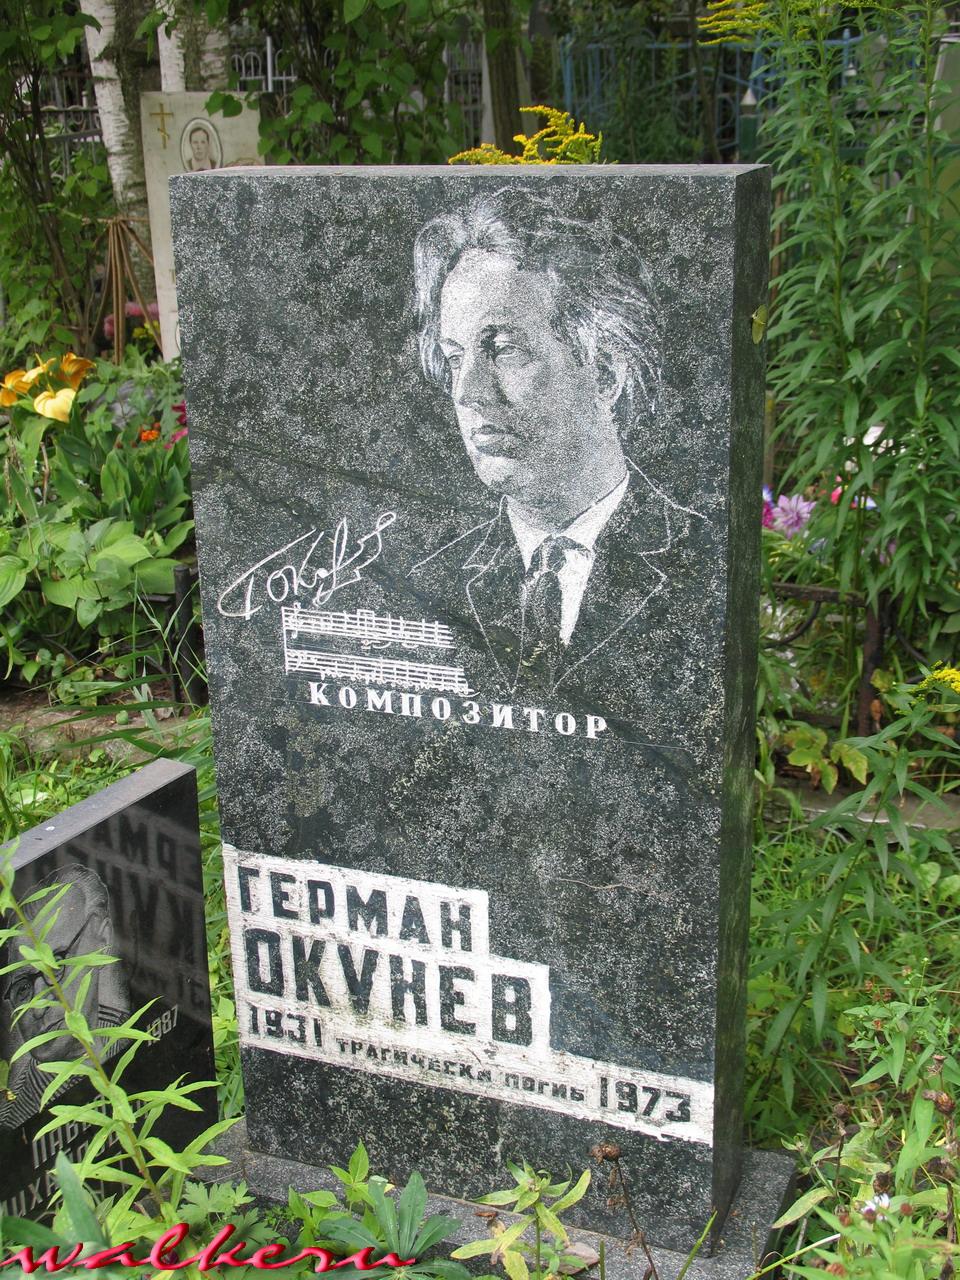 Могила Окунева Г.Г. на Старапановском кладбище